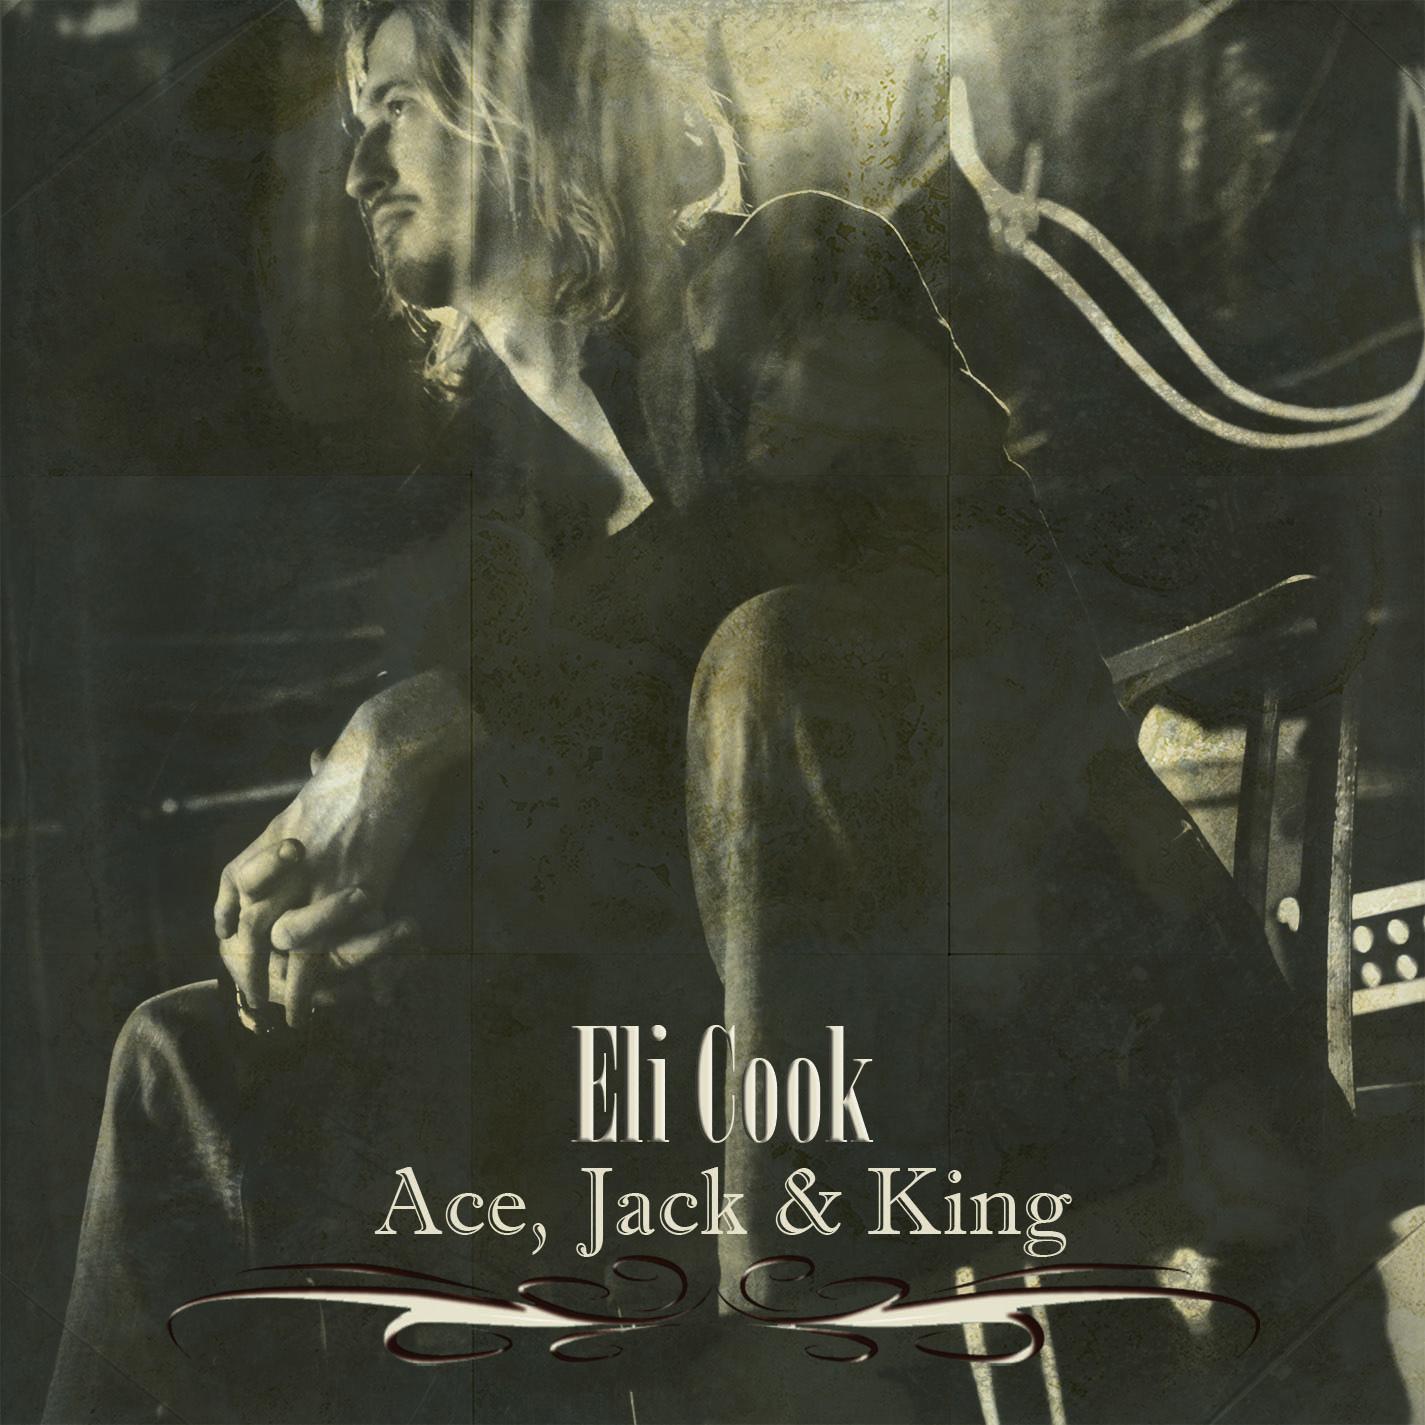 Eli Cook, Ace, Jack & King